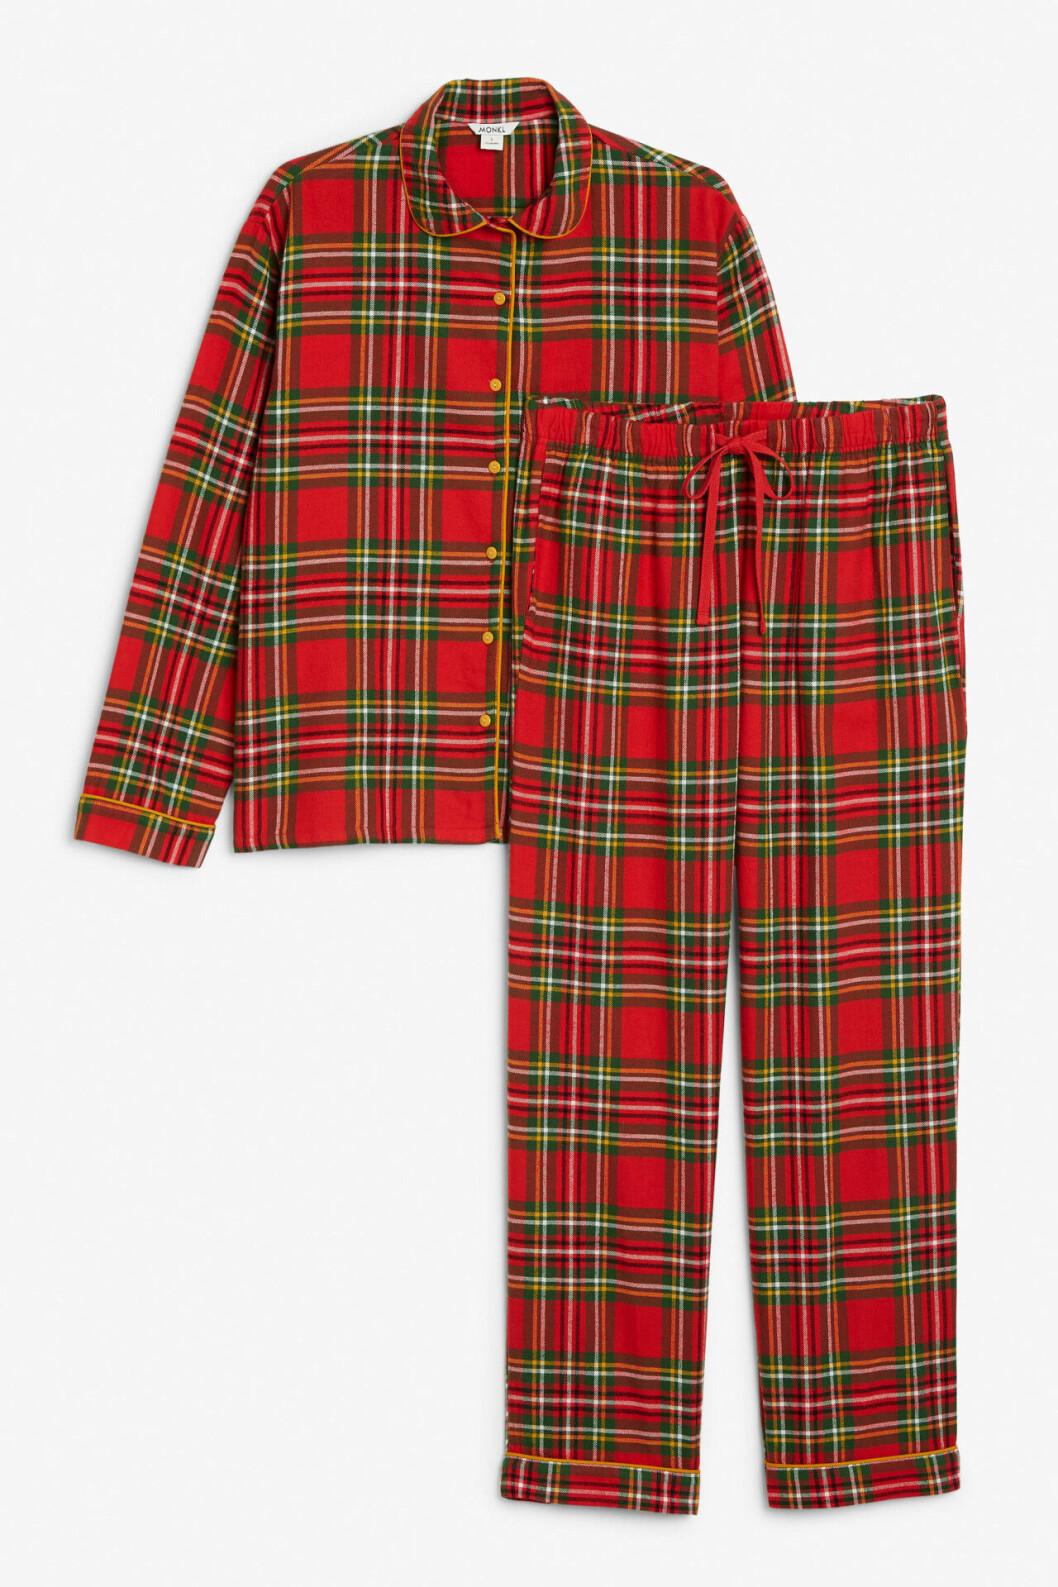 Rutig pyjamas med skjorta och byxor